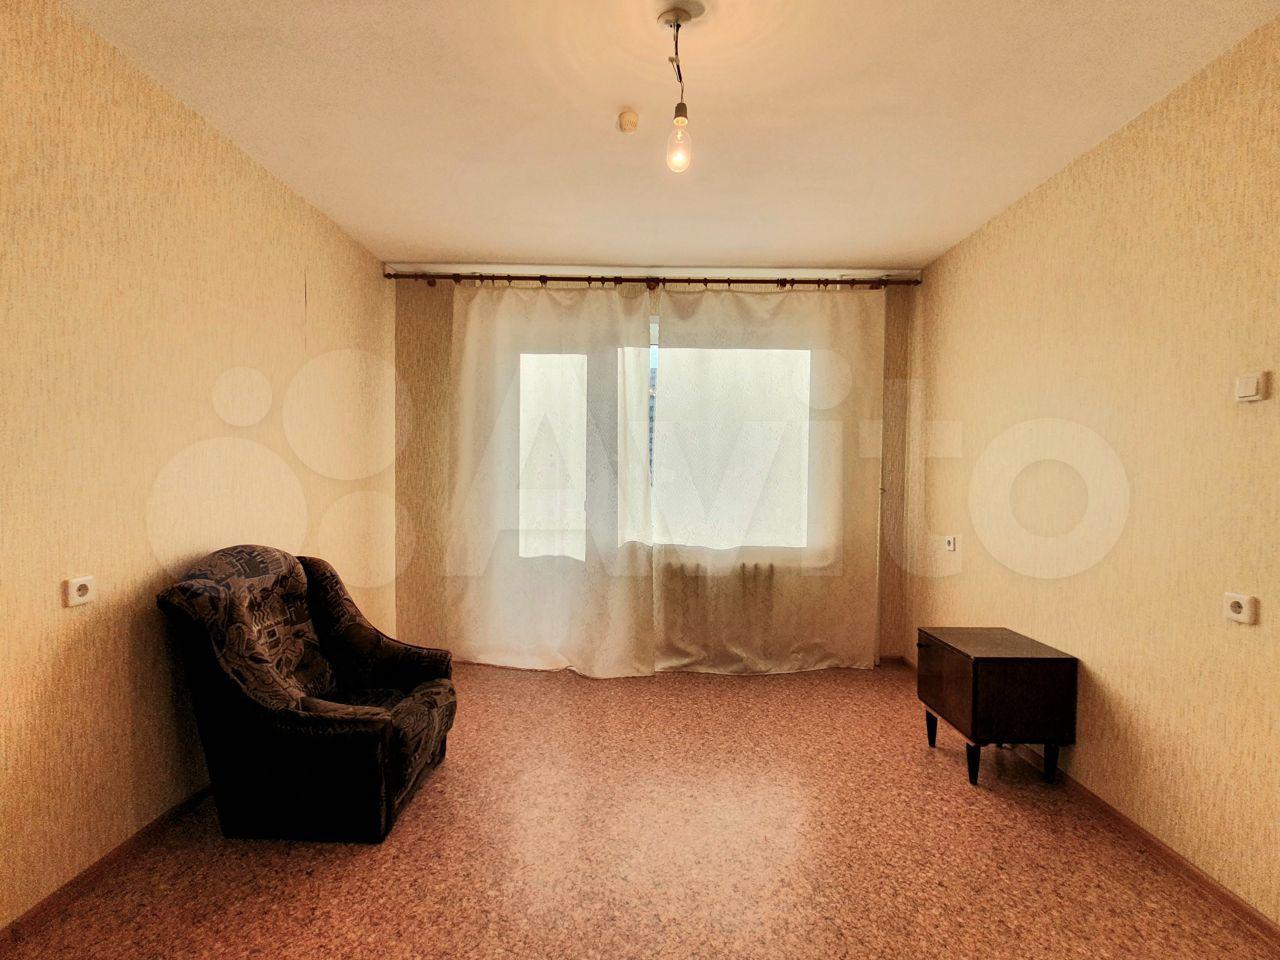 1-к квартира, 34 м², 7/10 эт.  89155301872 купить 5